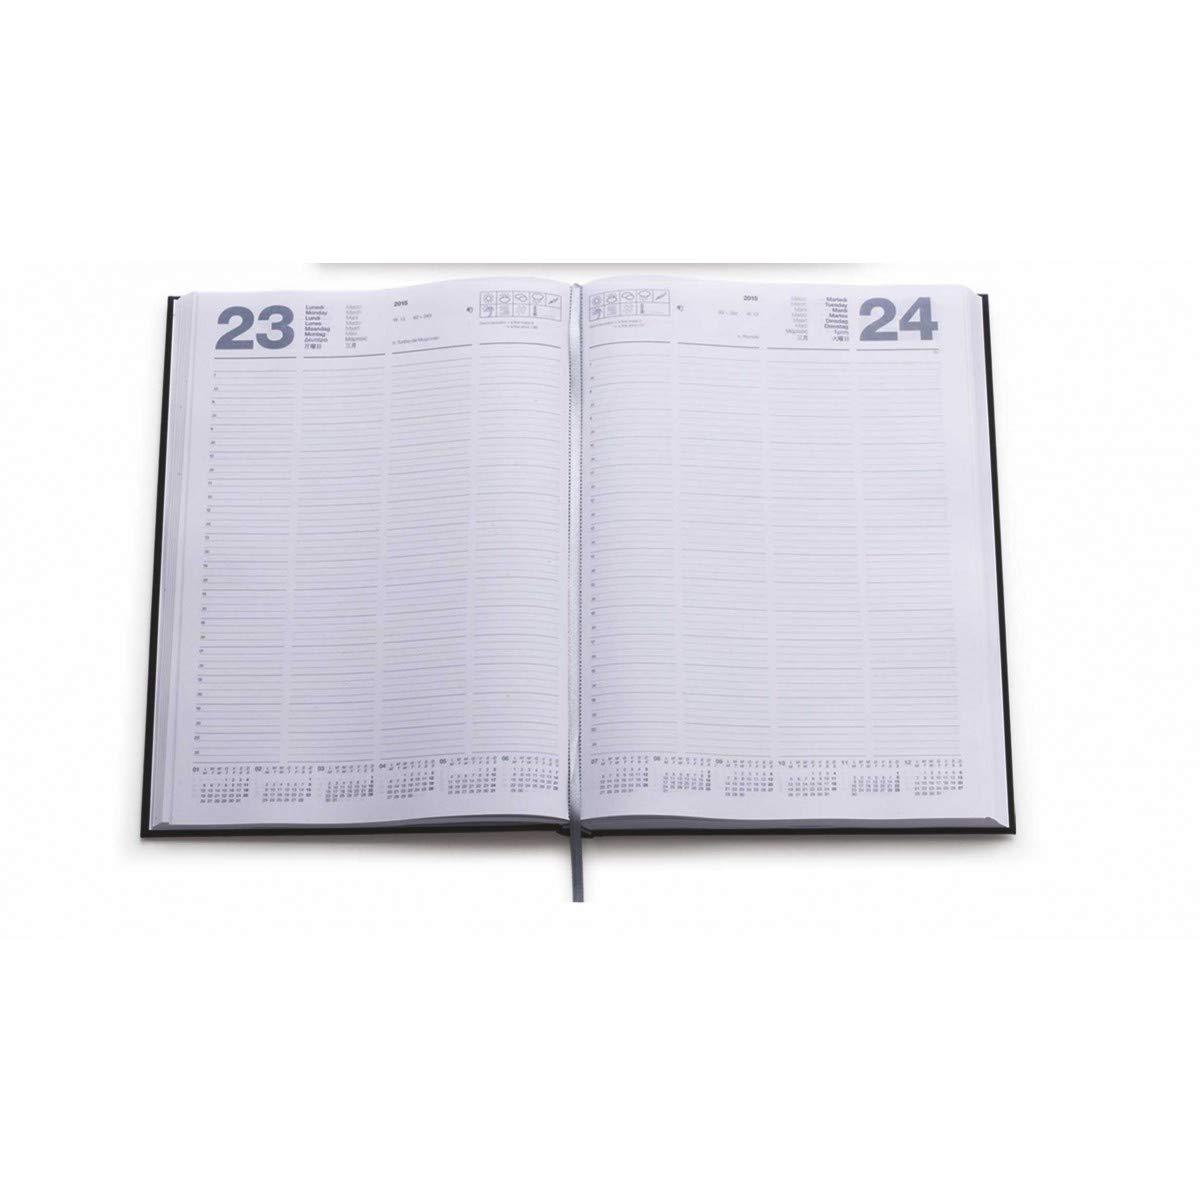 Agenda giornaliera 2020 A4 agenda maxi sabato e domenica separati ROSSA 21x30